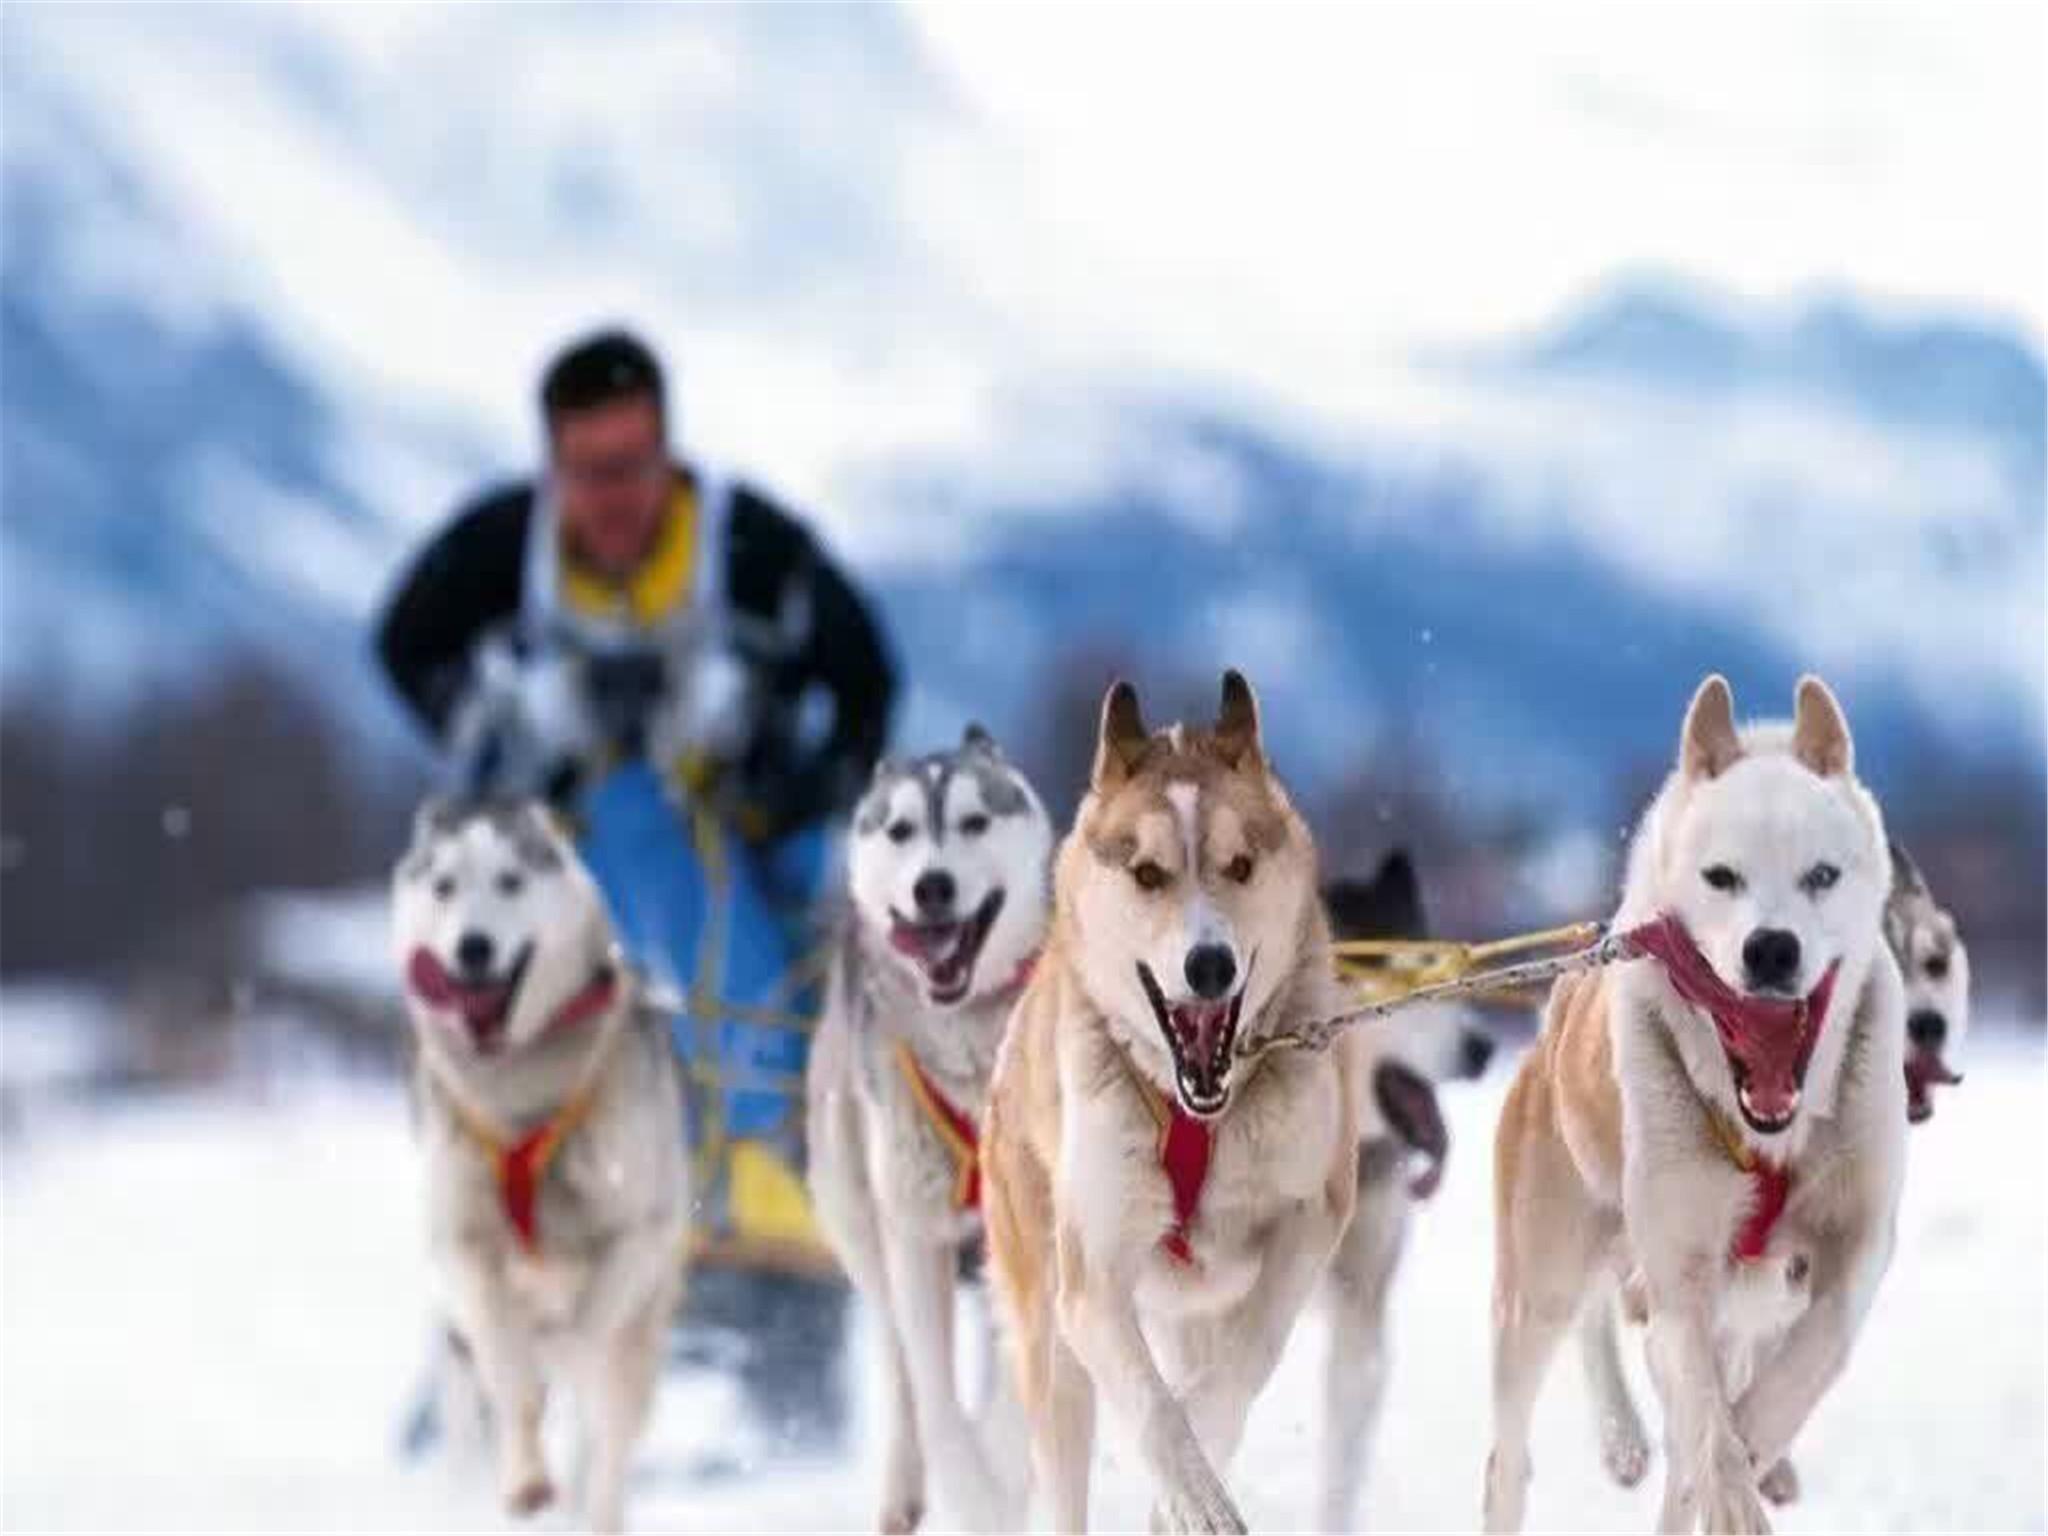 芬兰+北极光5晚7日游(AY/狗拉雪橇/鹿拉雪橇/境外领取跨越北极圈证书/30人精品团/送WiFi)